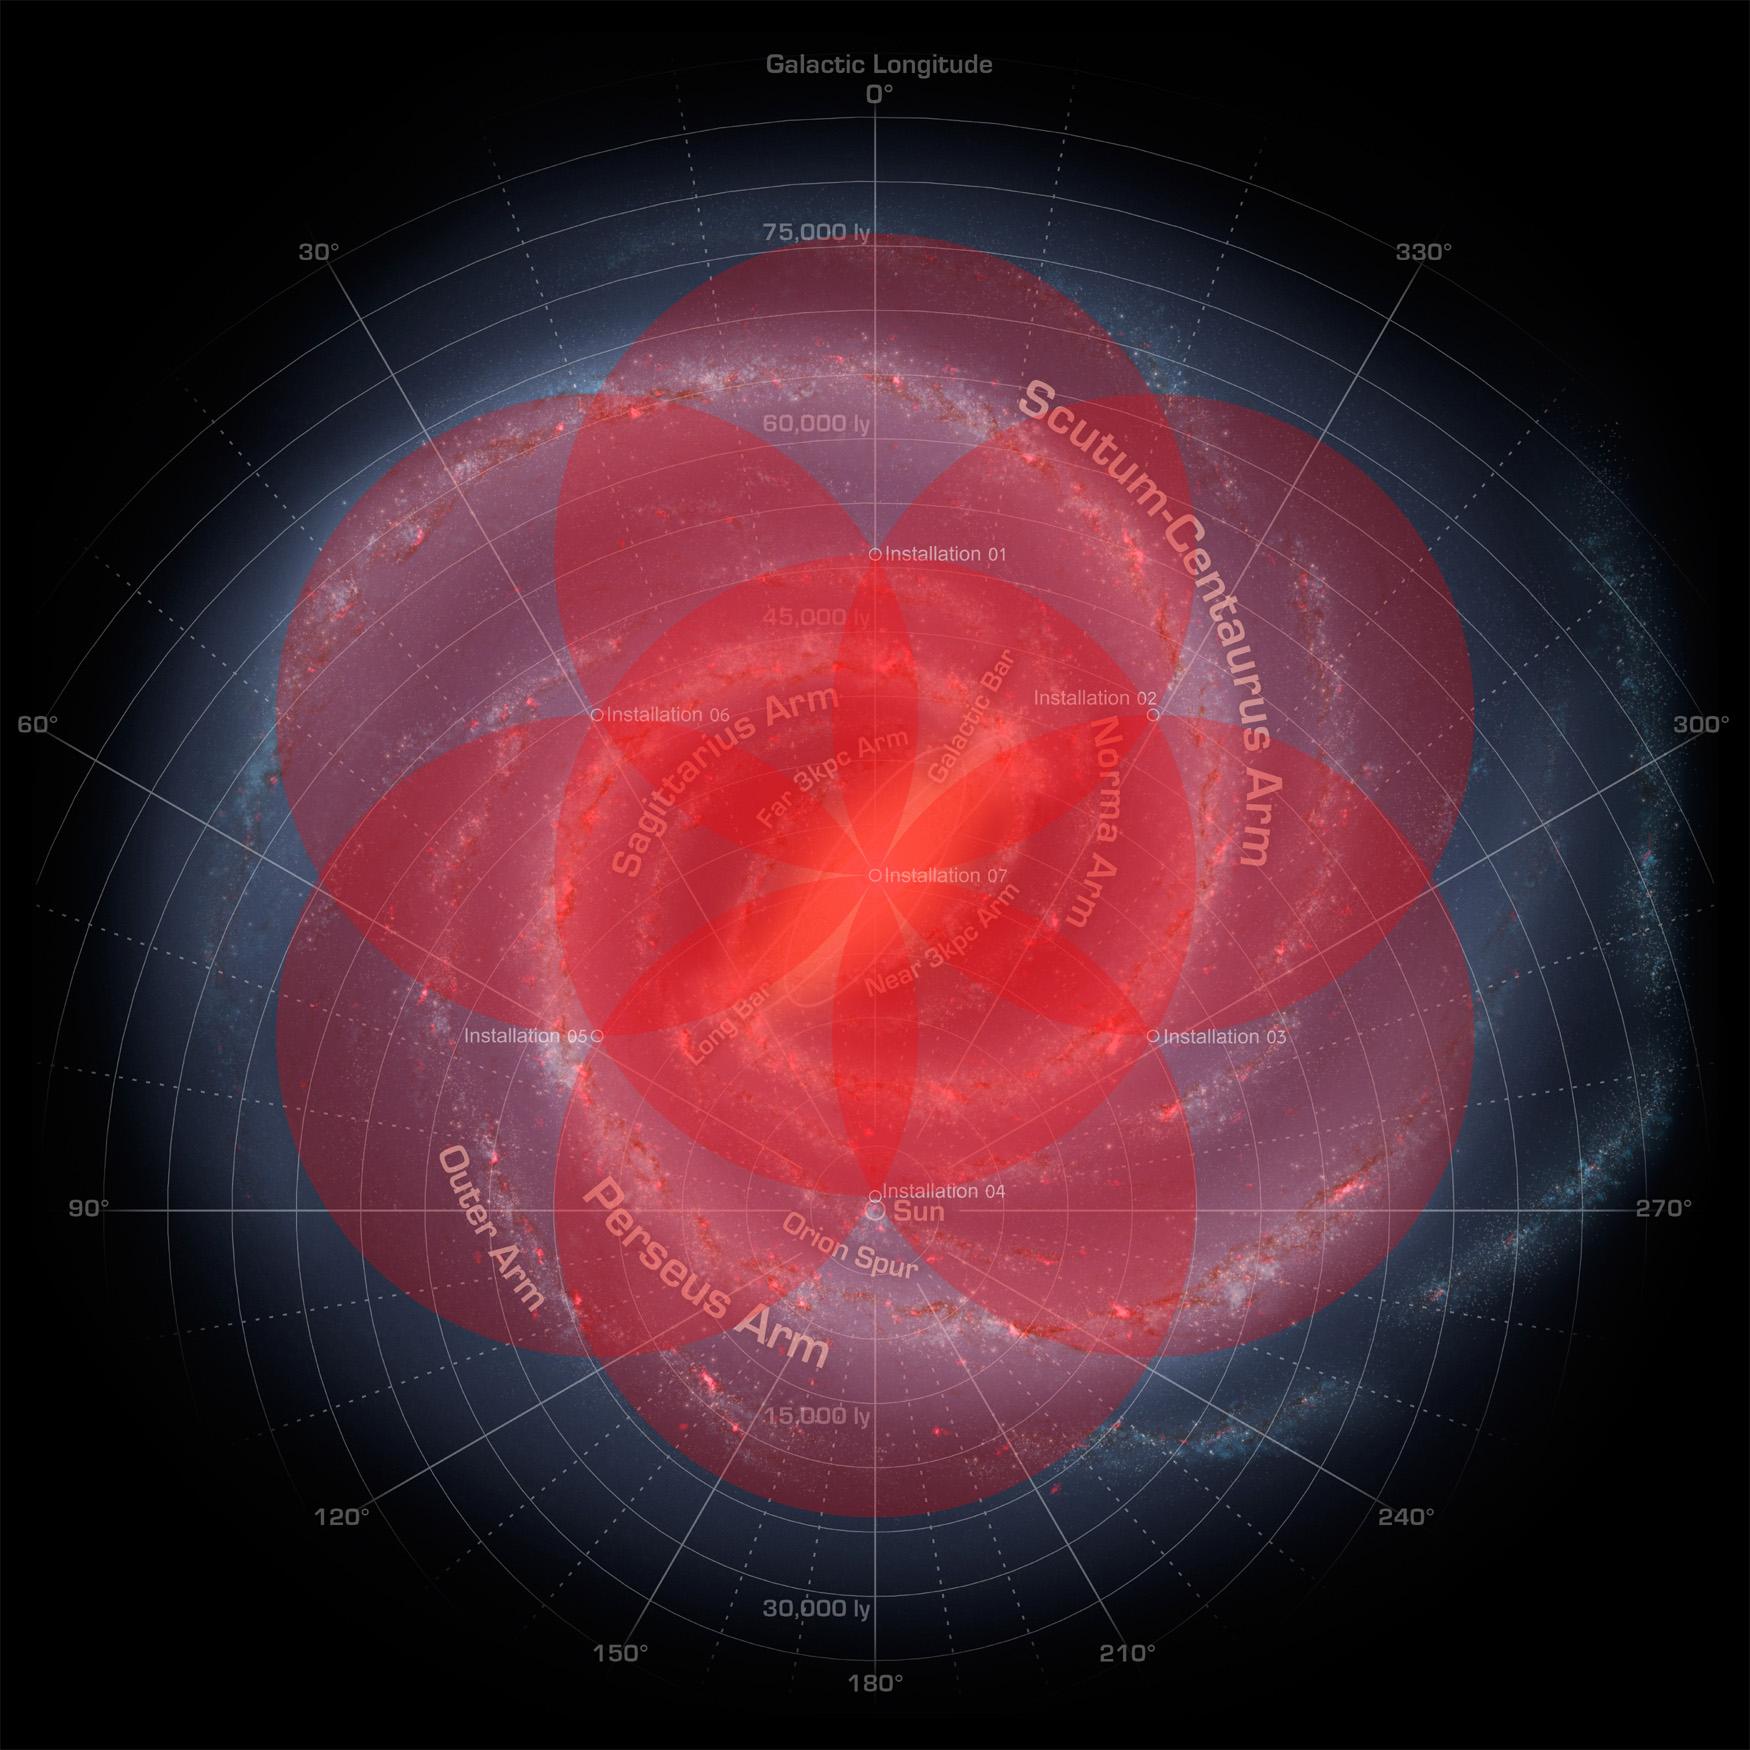 Milky Way Galaxy Halo Nation The Halo Encyclopedia